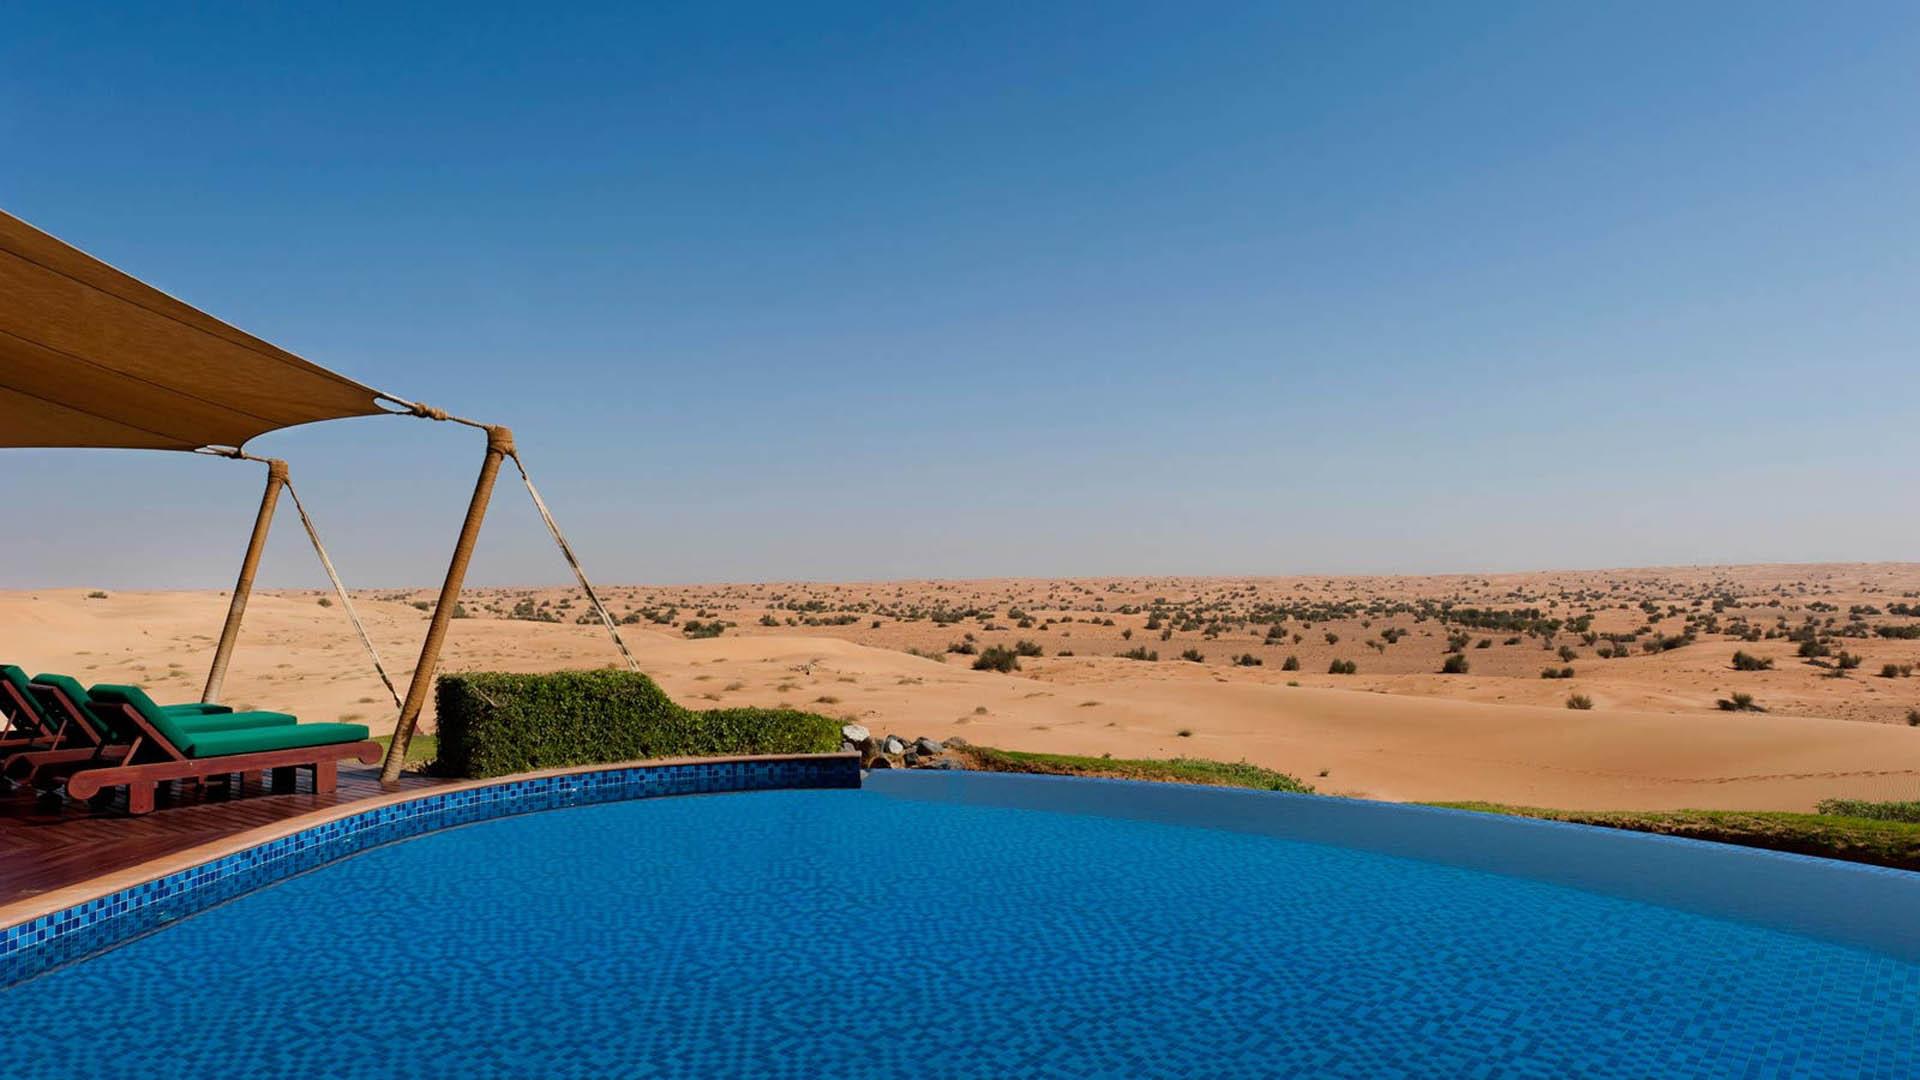 圖片來源/Al Maha Desert Resort & Spa(http://www.al-maha.com/en/gallery)